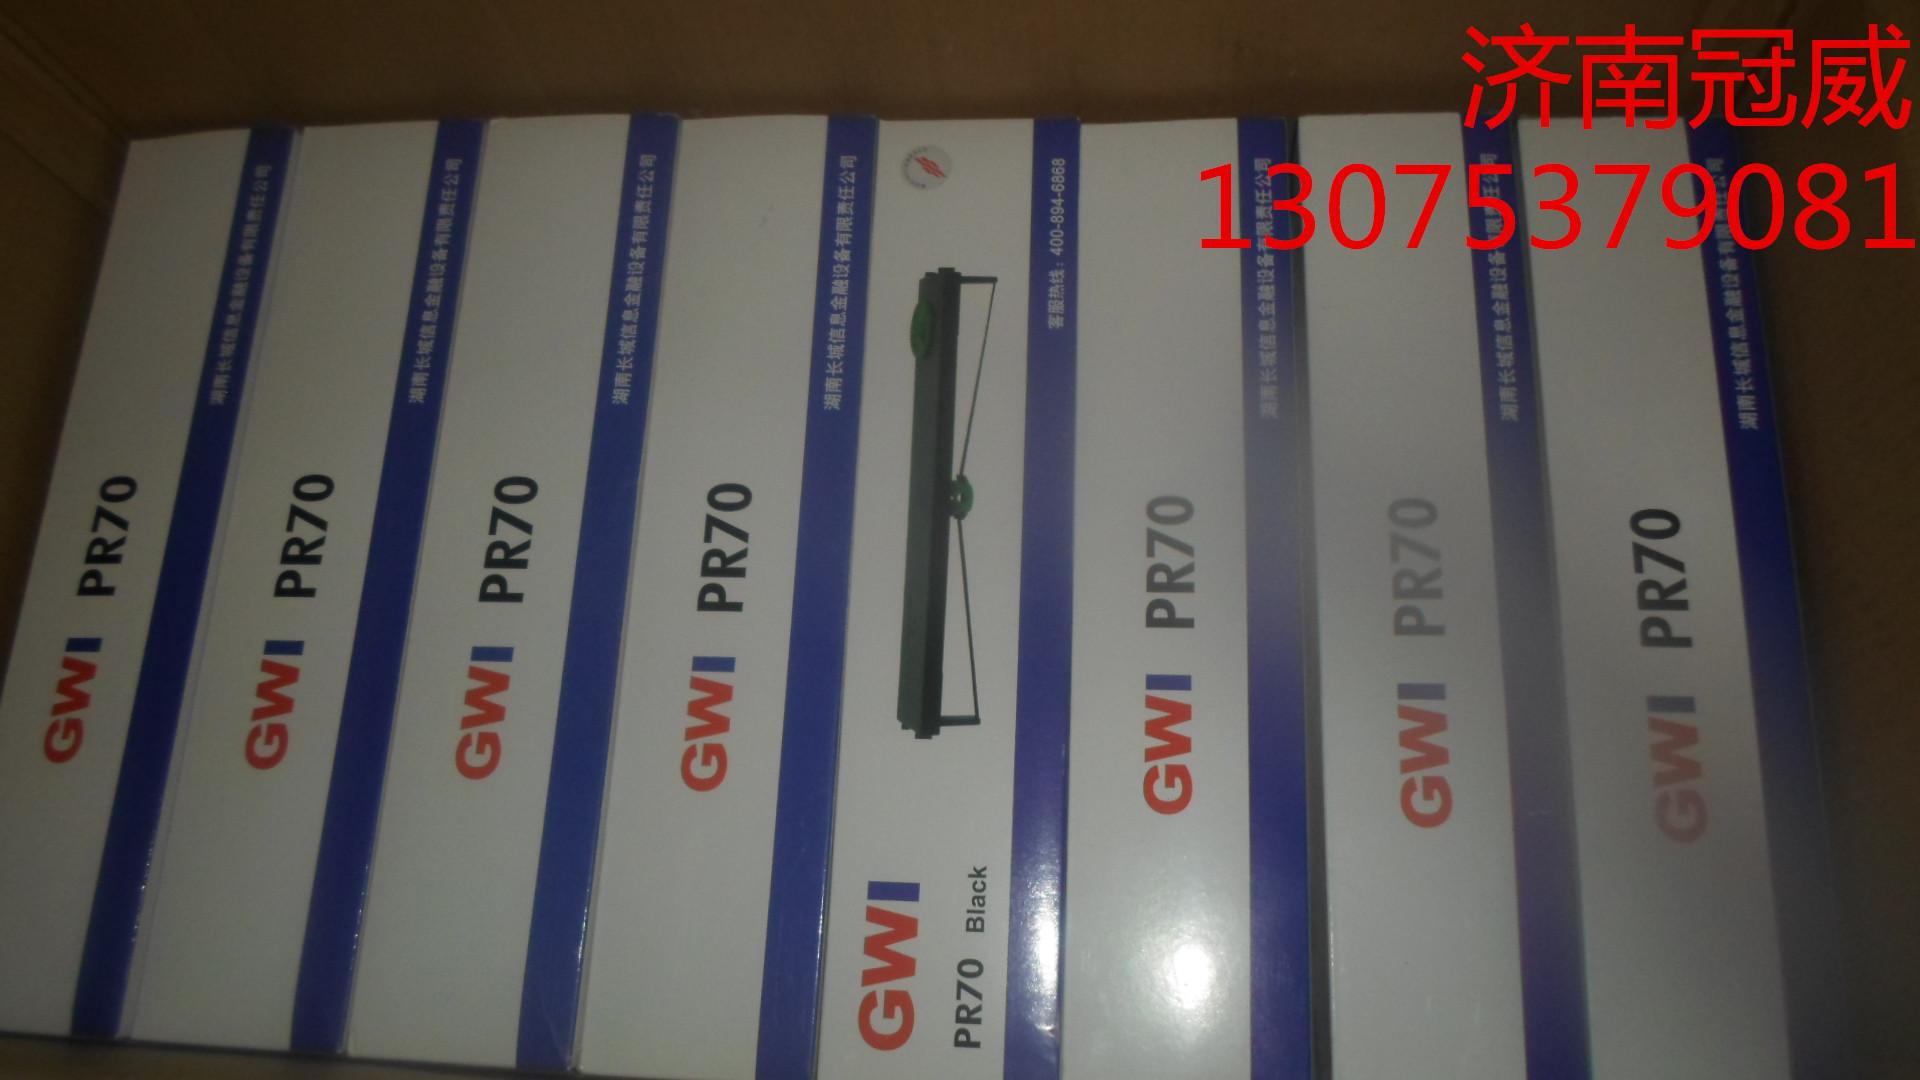 供应湘计HCCPR-3/HCCPR-2E色带,HCCPR-3/HCCPR-2E色带厂家